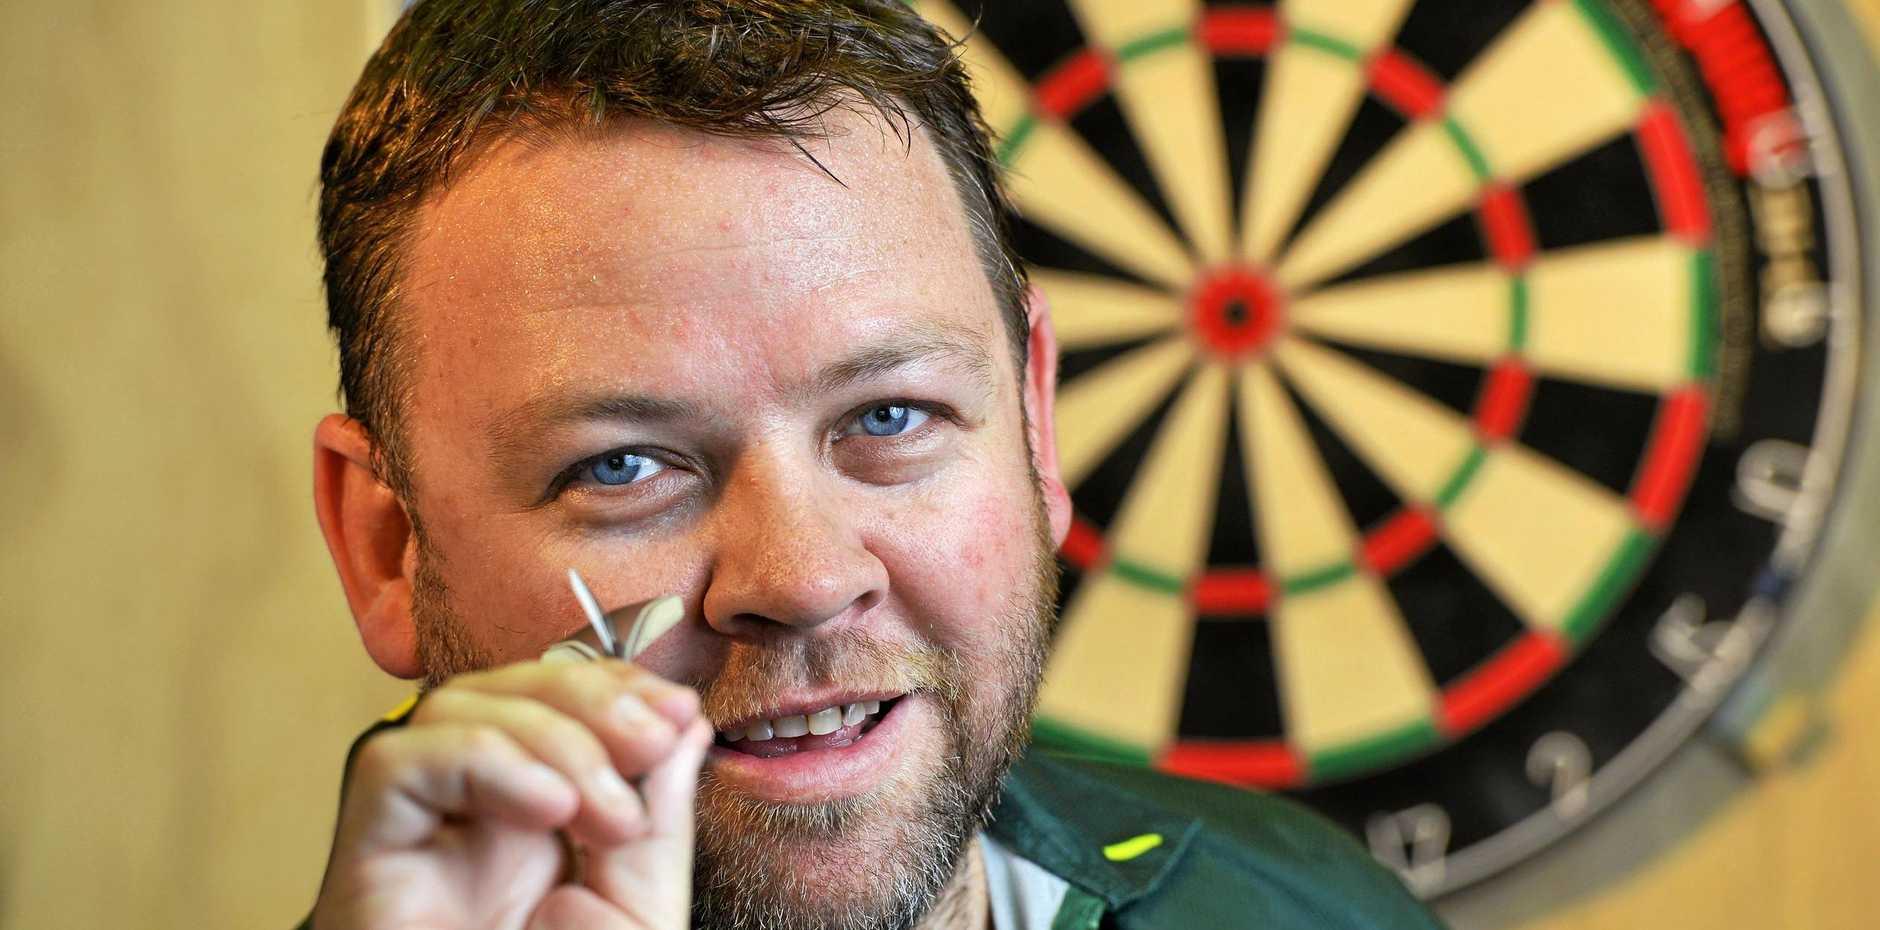 Queensland darts champion Gordon Mathers.